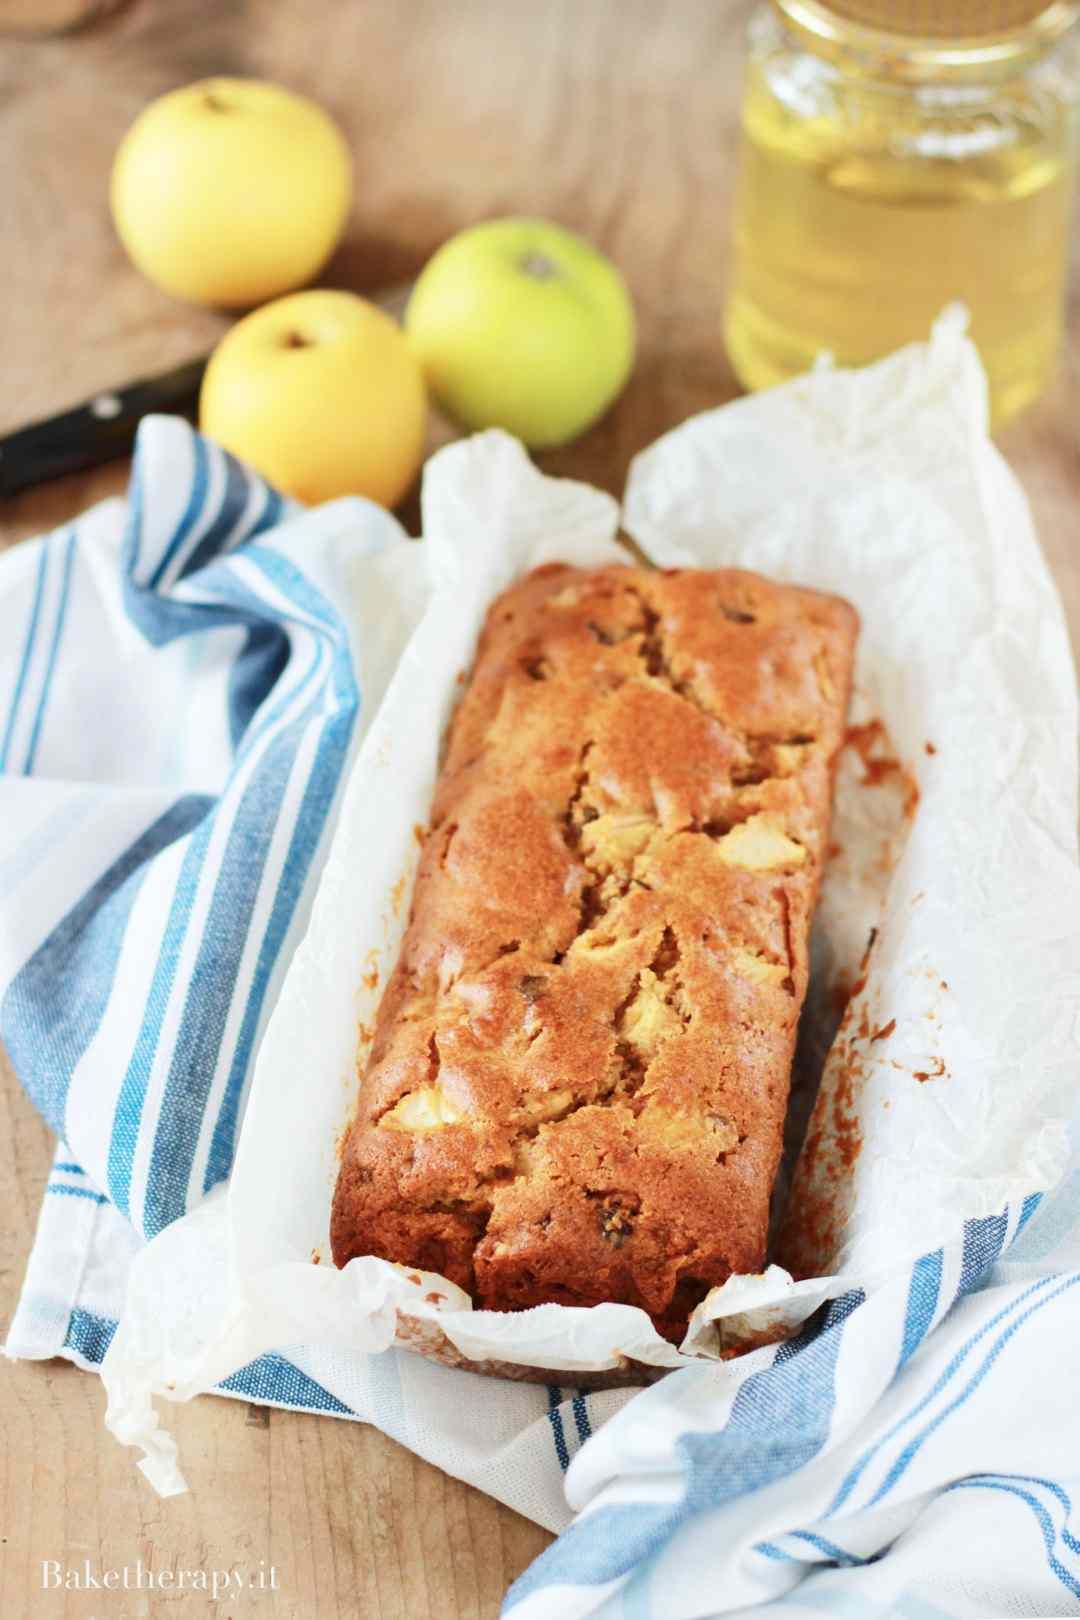 Ricetta: Plumcake alle mele con miele d\'acacia e noci e consigli di lettura